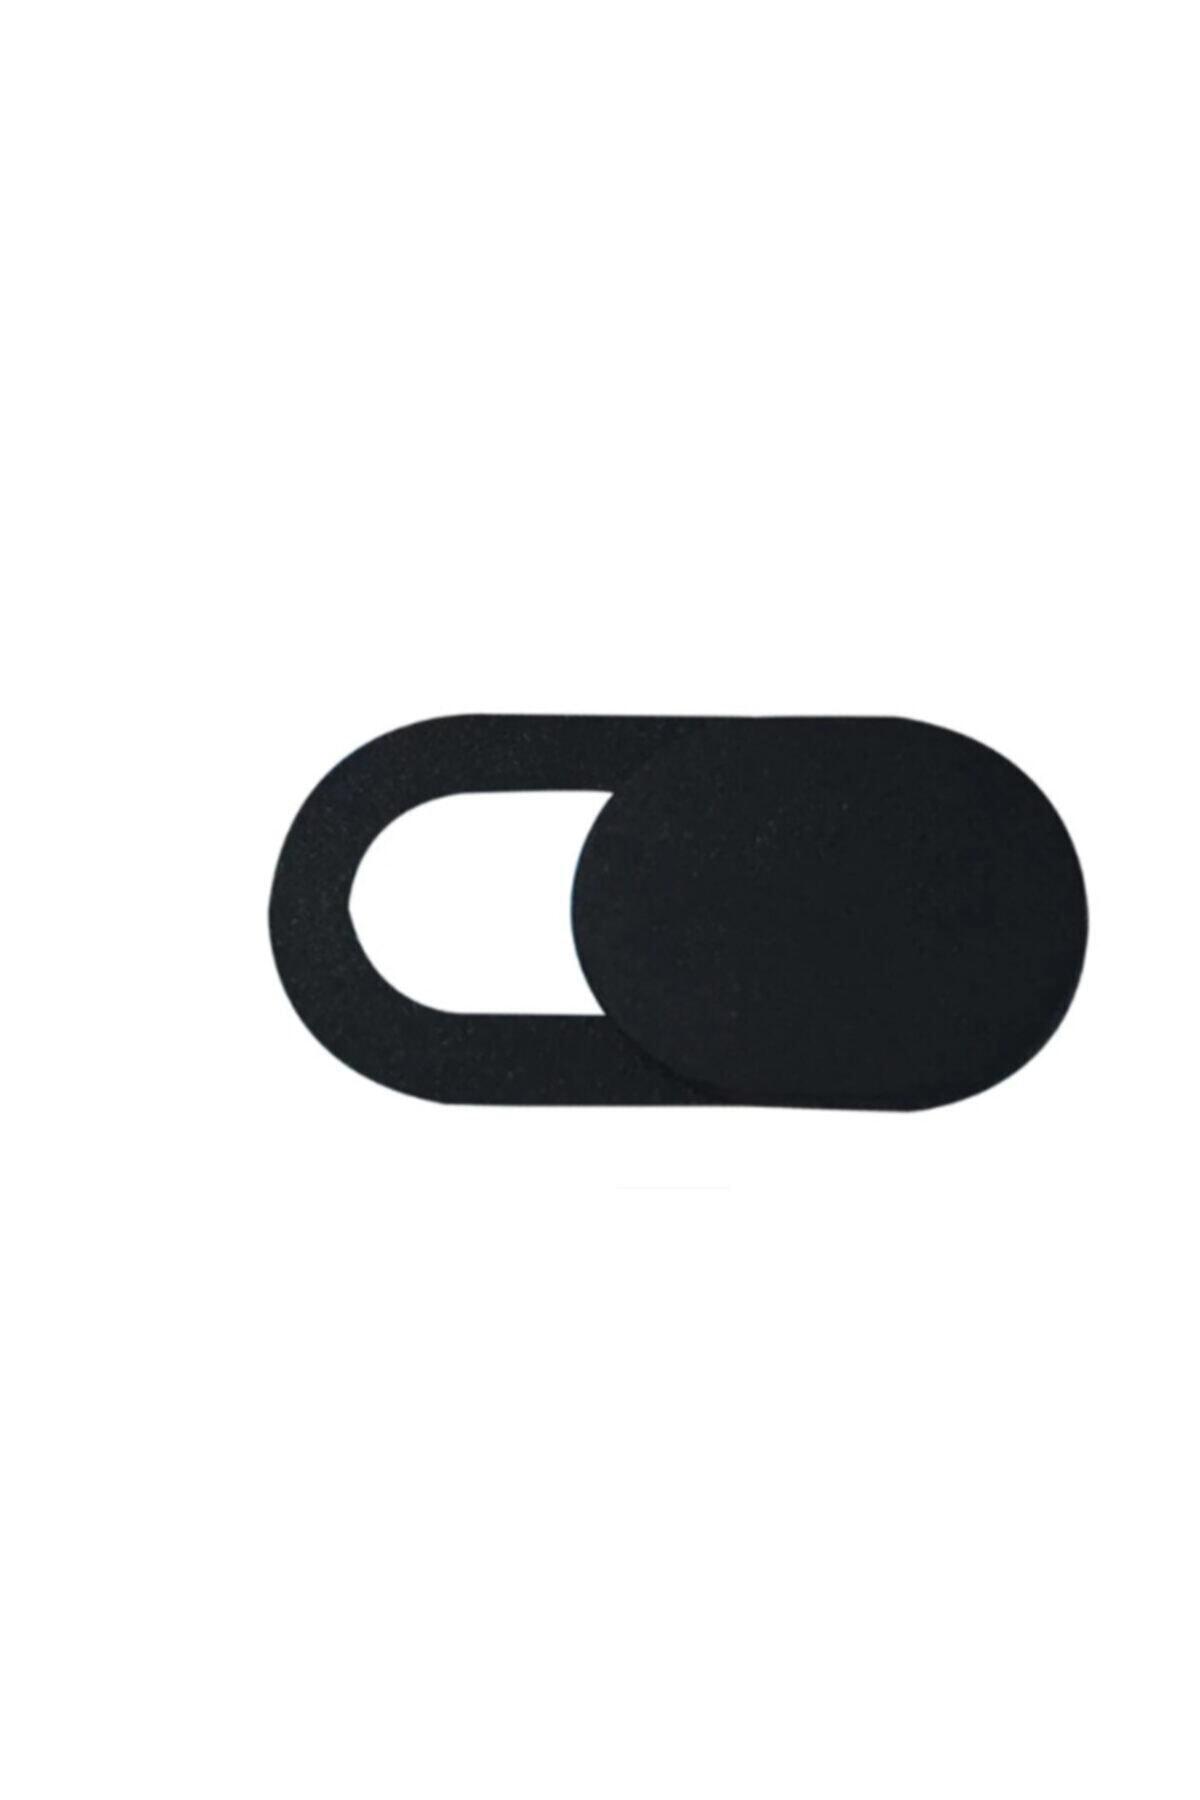 Webcam Cover Süper Slim Laptop Tablet Ve Telefon Kamera Kapatıcı Koruyucu Giftcenter 1